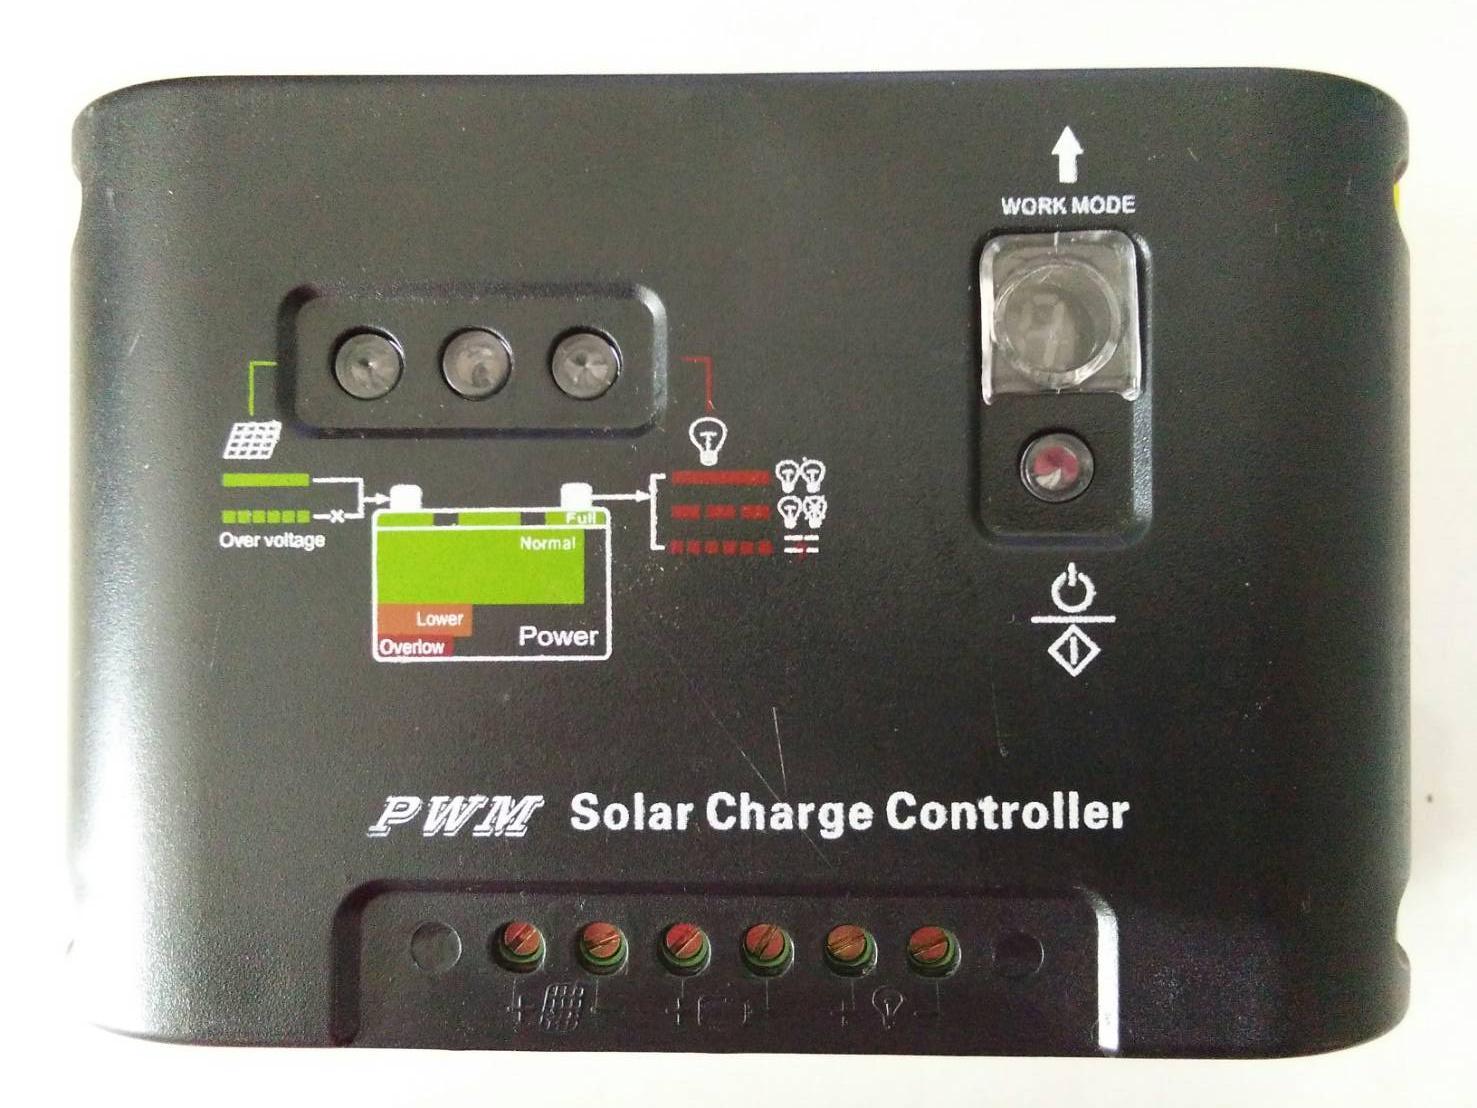 ตัวควบคุมการชาร์จแบตเตอรี่ แบบ PWM_15A 12/24V (SSE)